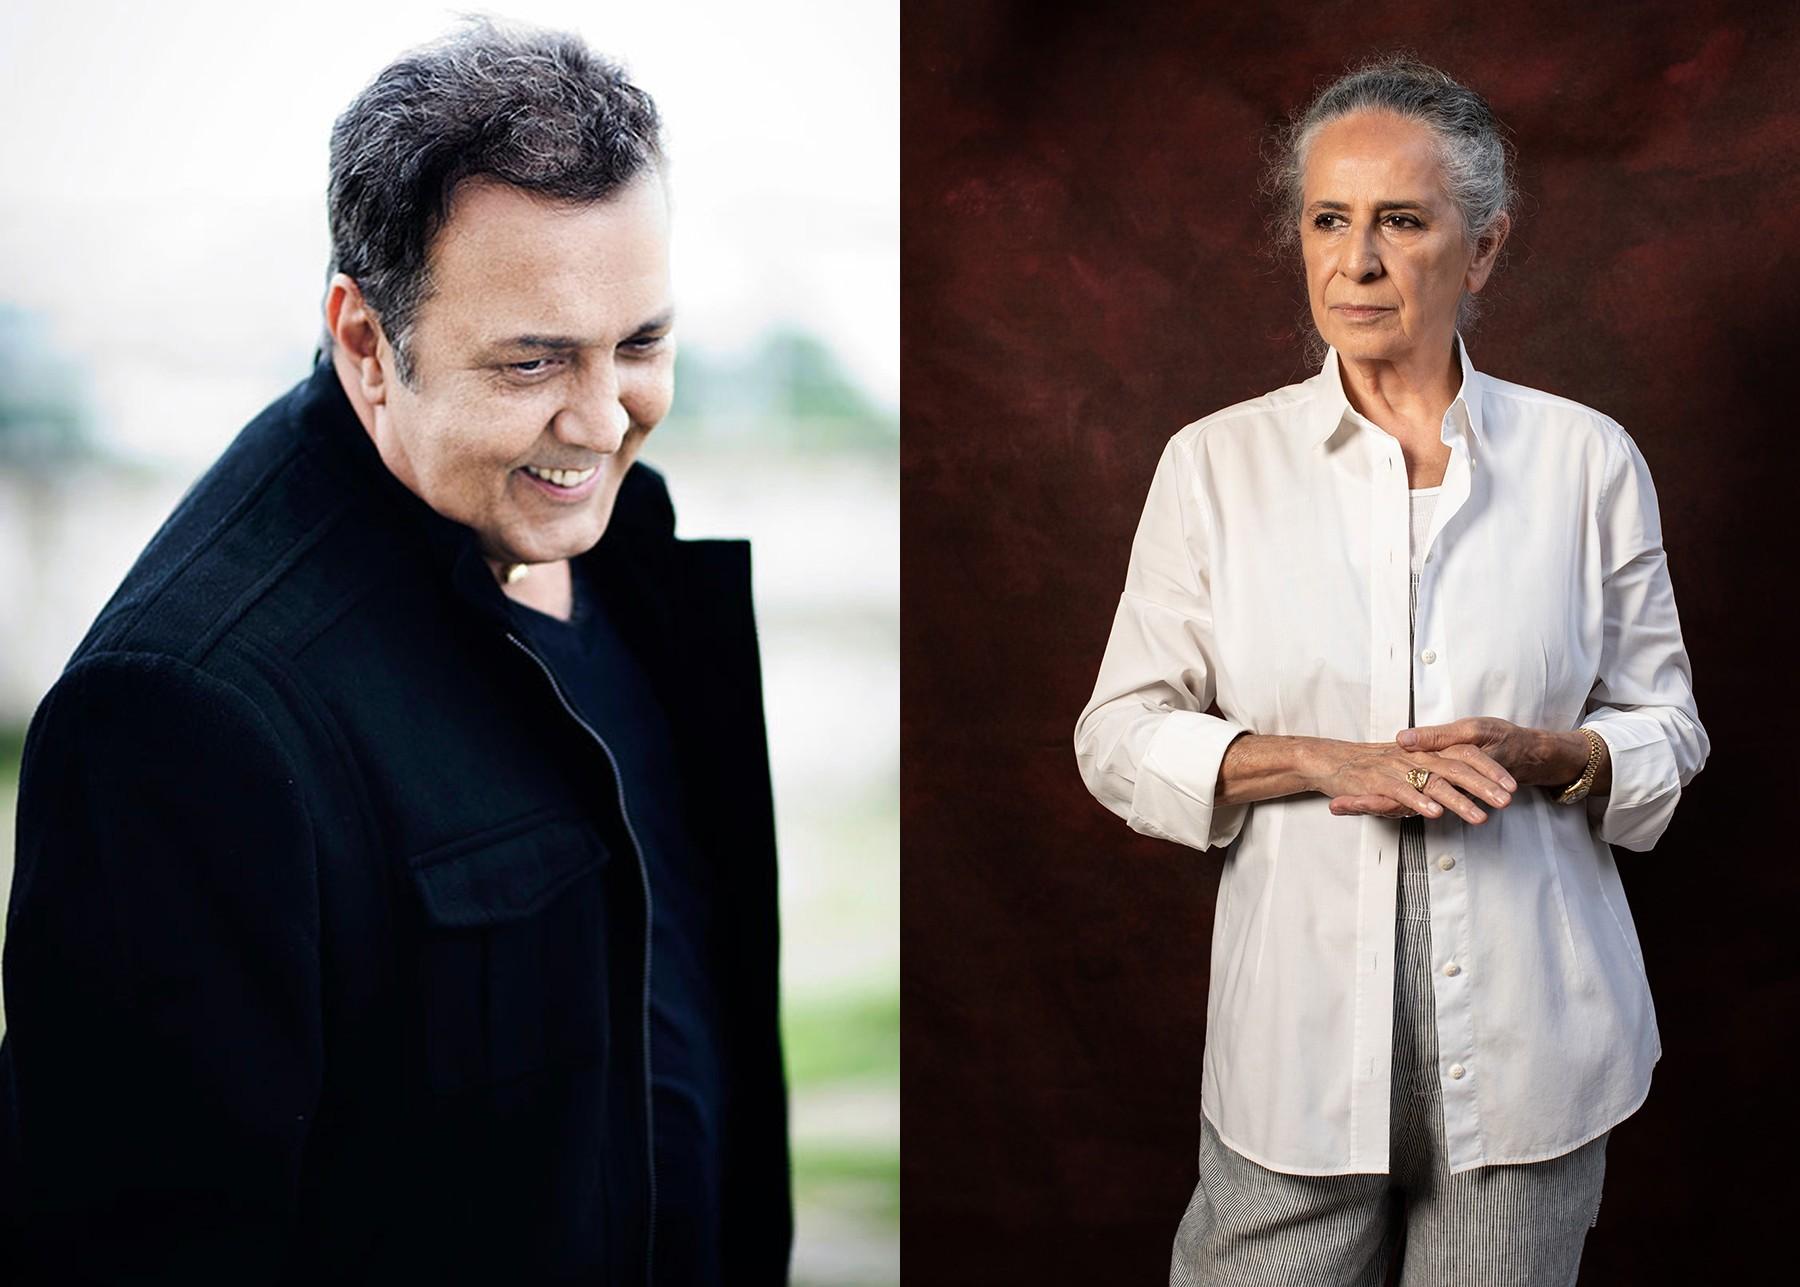 José Augusto favorece Maria Bethânia ao vetar a canção 'Evidências' no álbum 'Noturno'